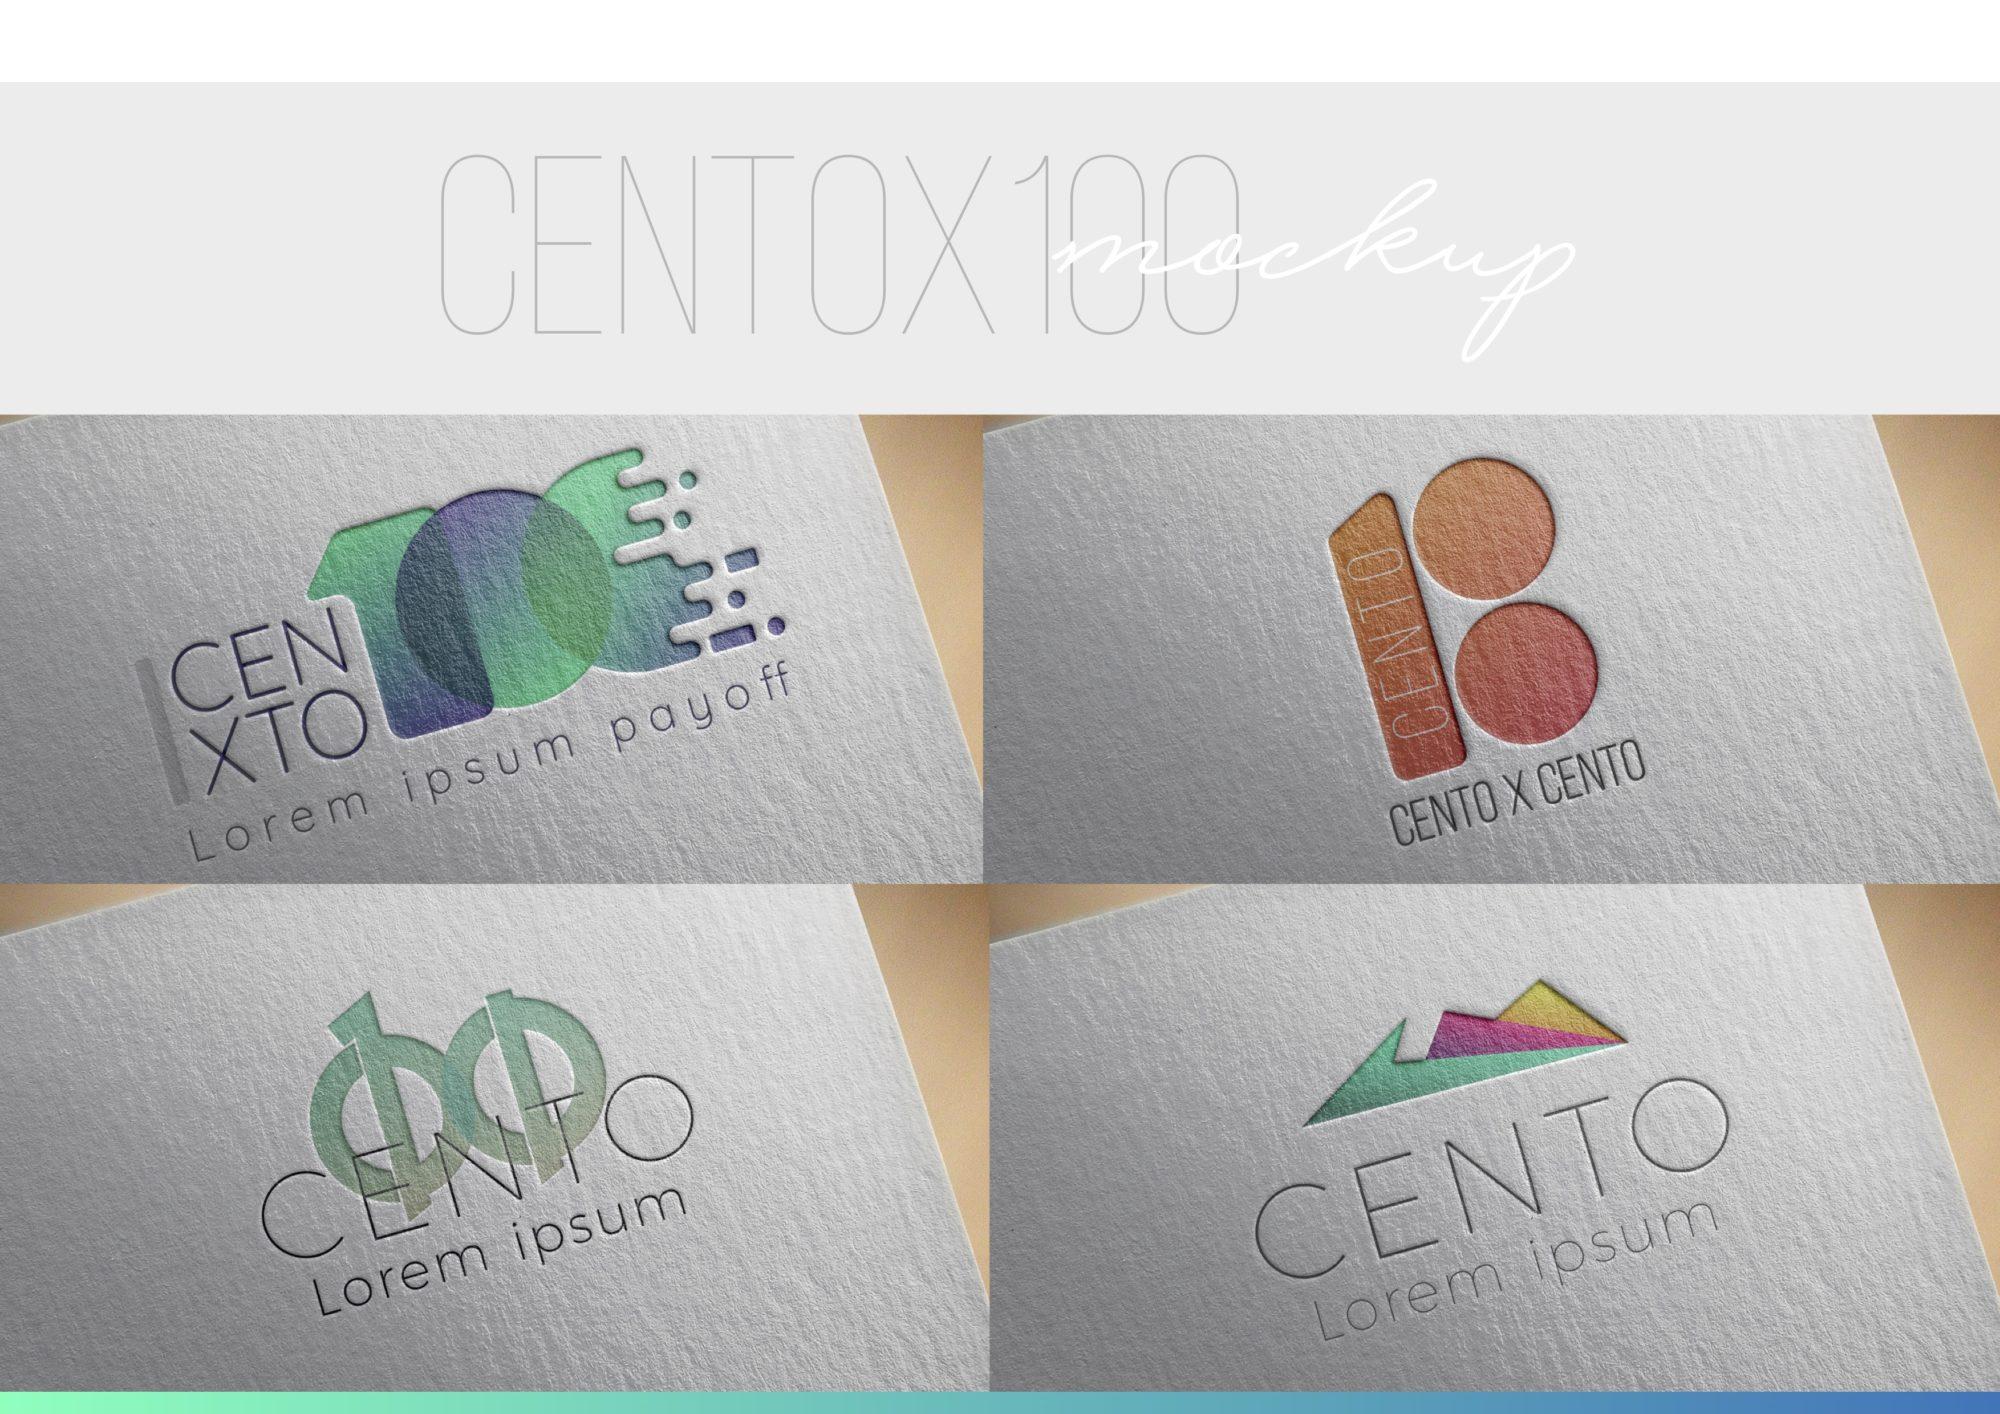 CentoX10013